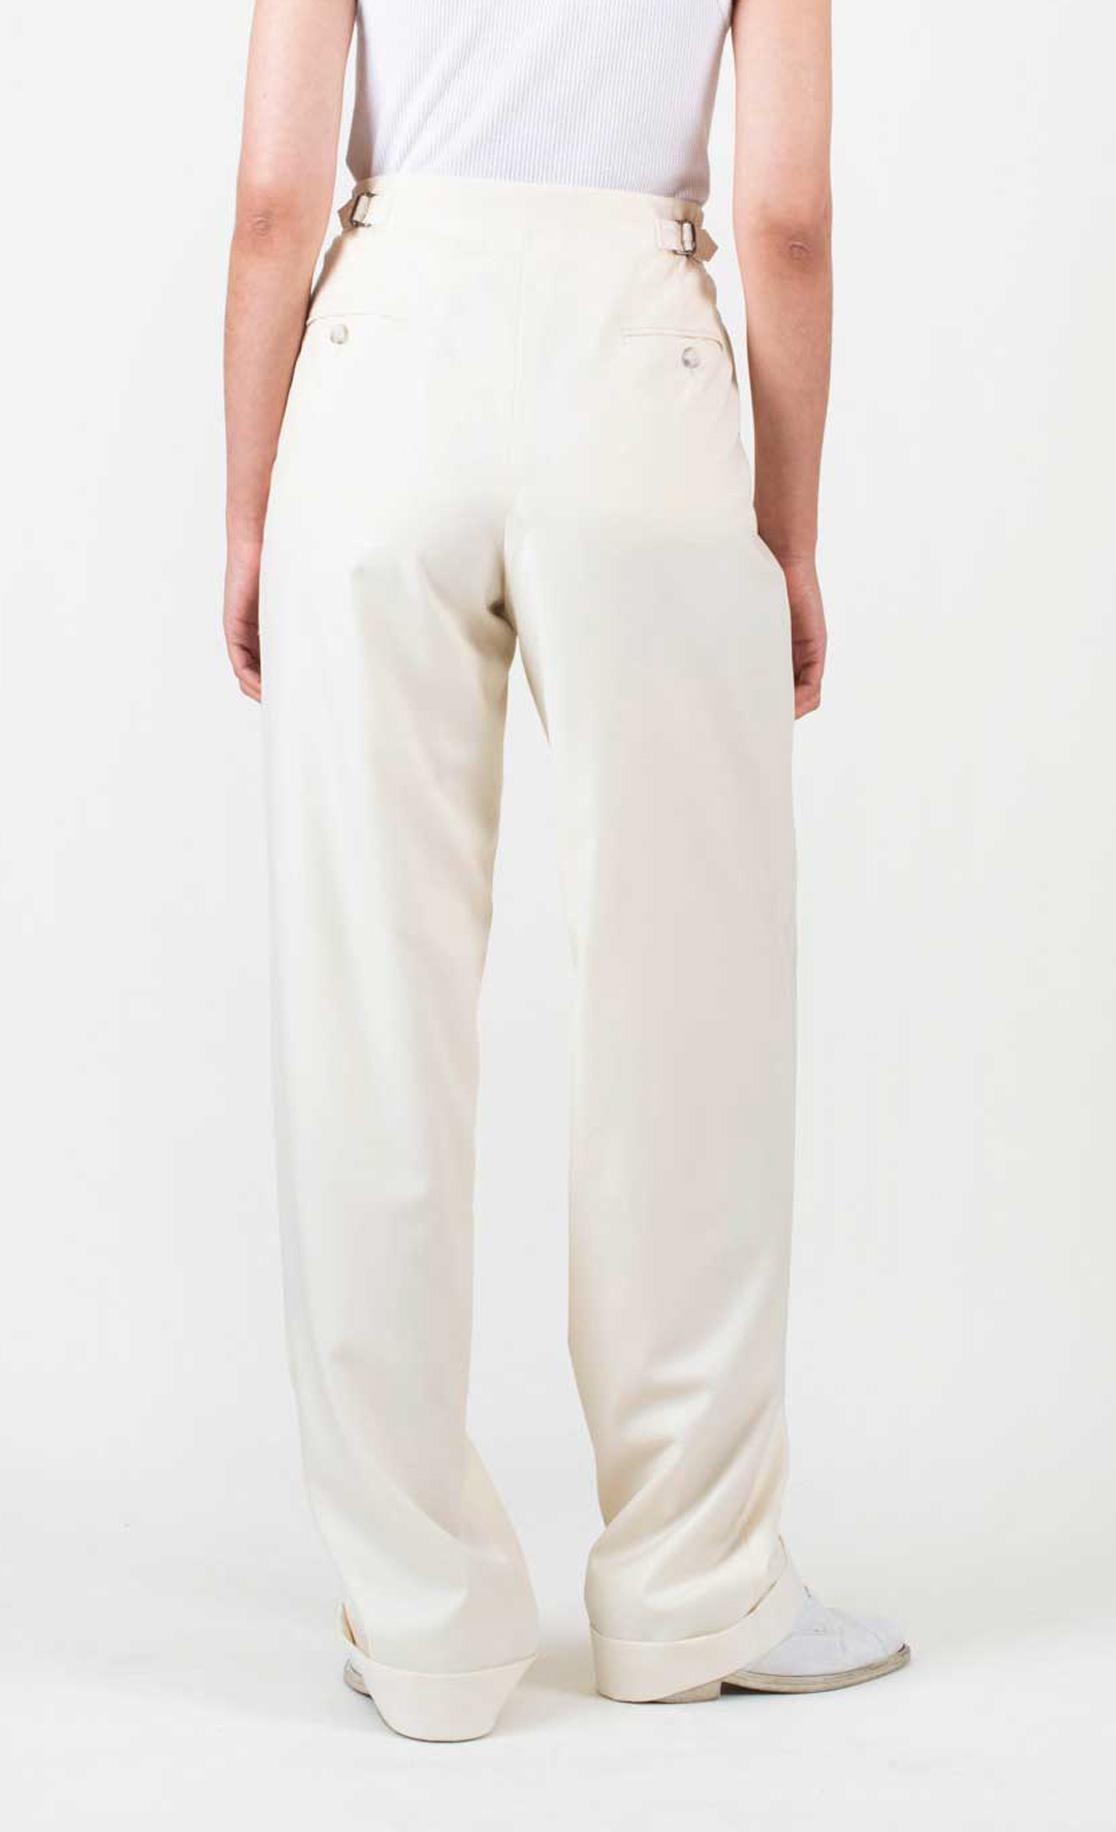 DADA-Diane-Ducasse-AH21-pantalon-droit-jules-flanelle-ivoire-dos